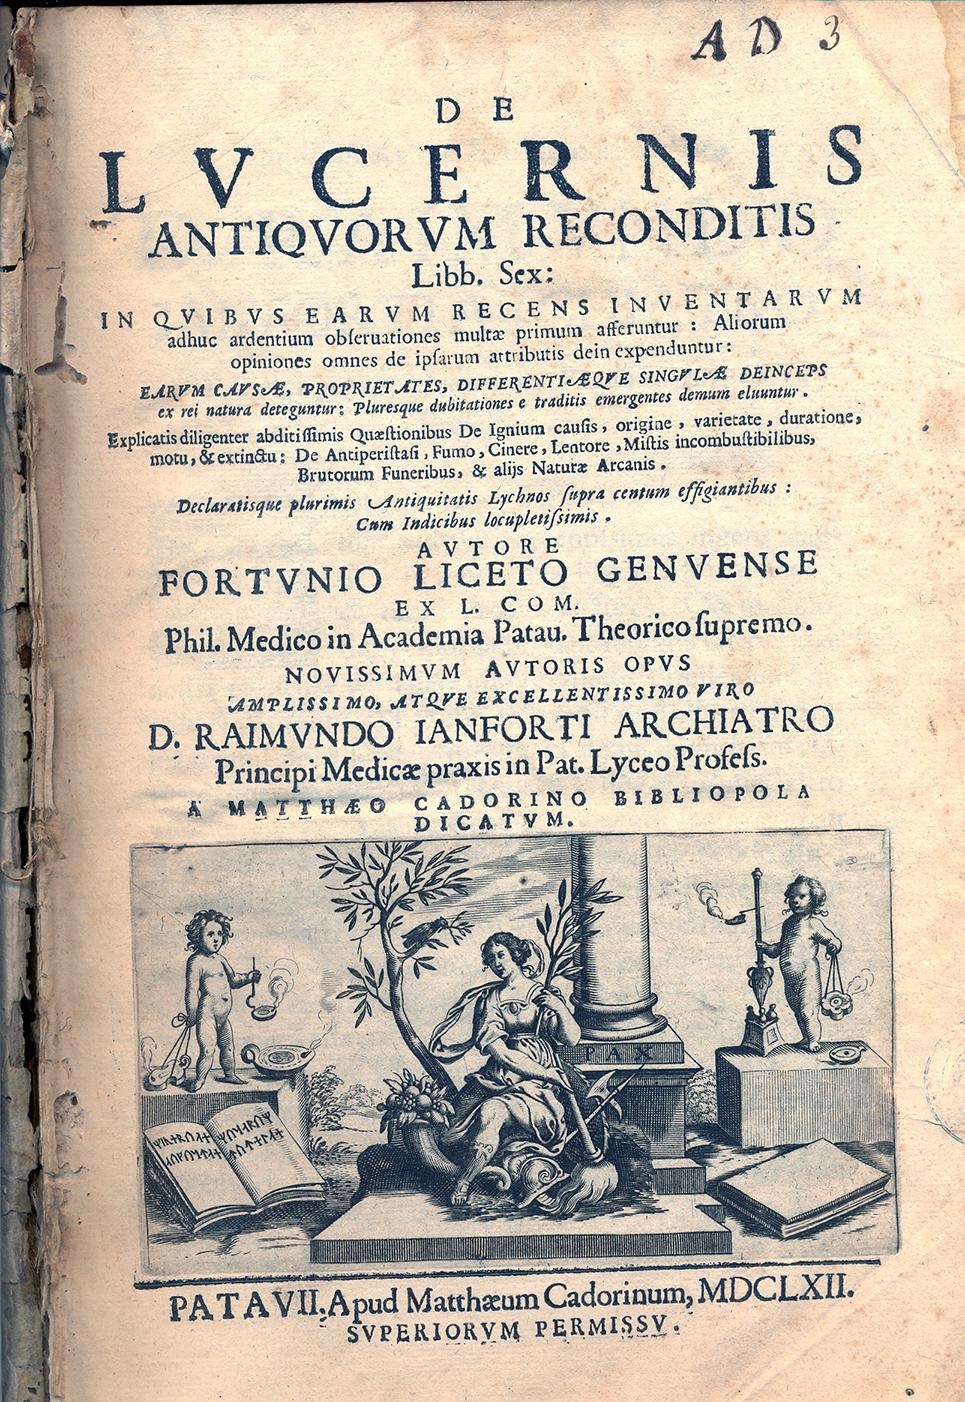 DE+LUCERNIS+ANTIQUORUM+RECONDITIS+1